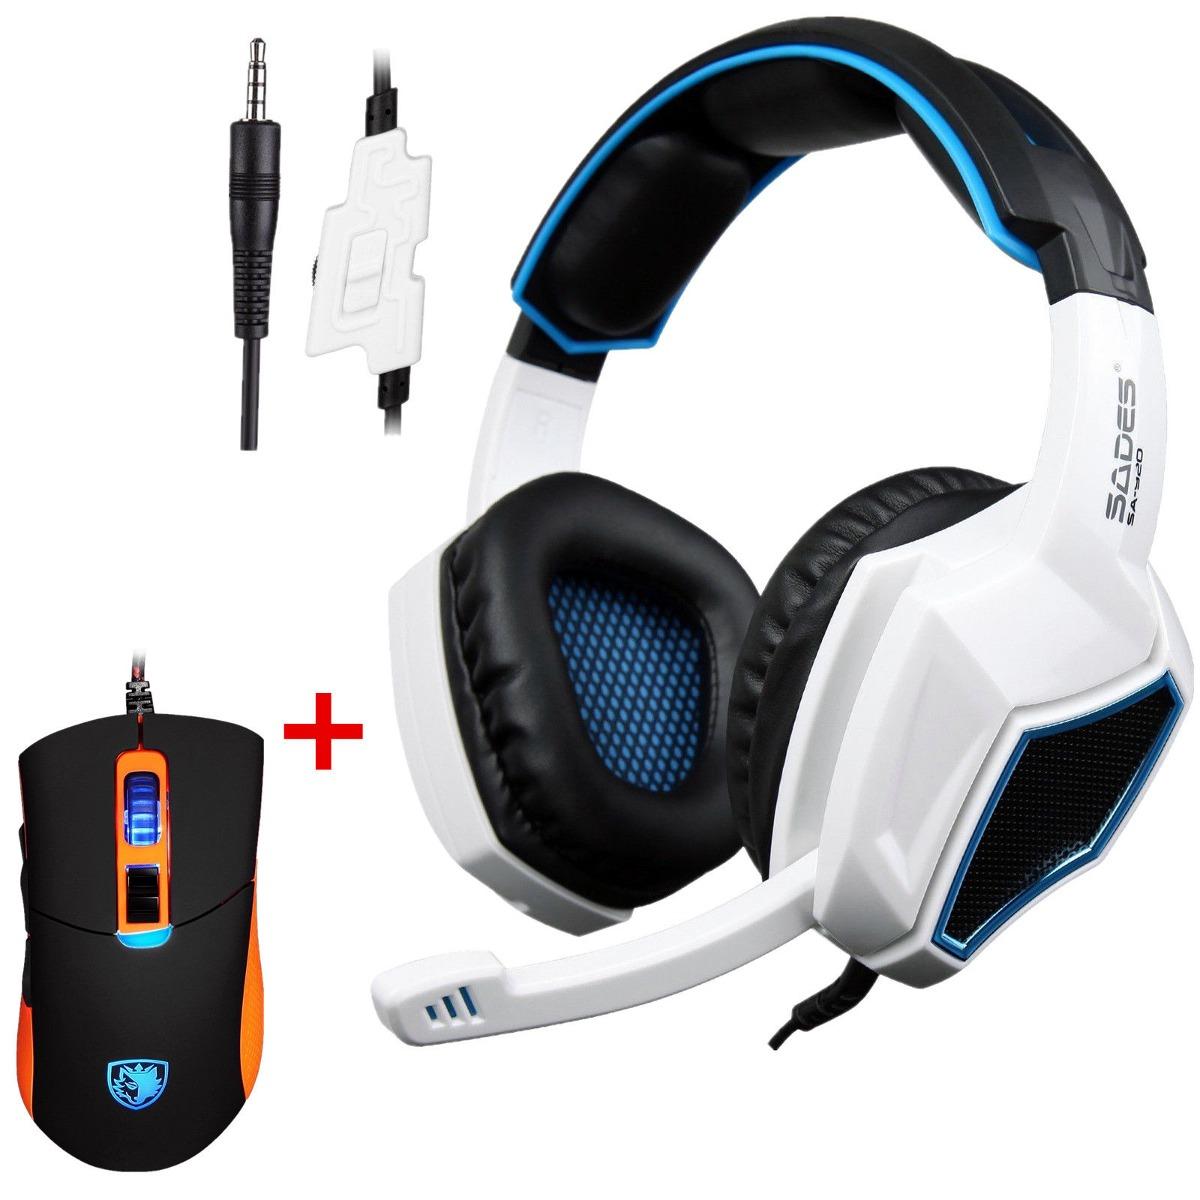 Sades Auriculares Para Juegos Sa 920 Con Mic Para Ps4 Pro